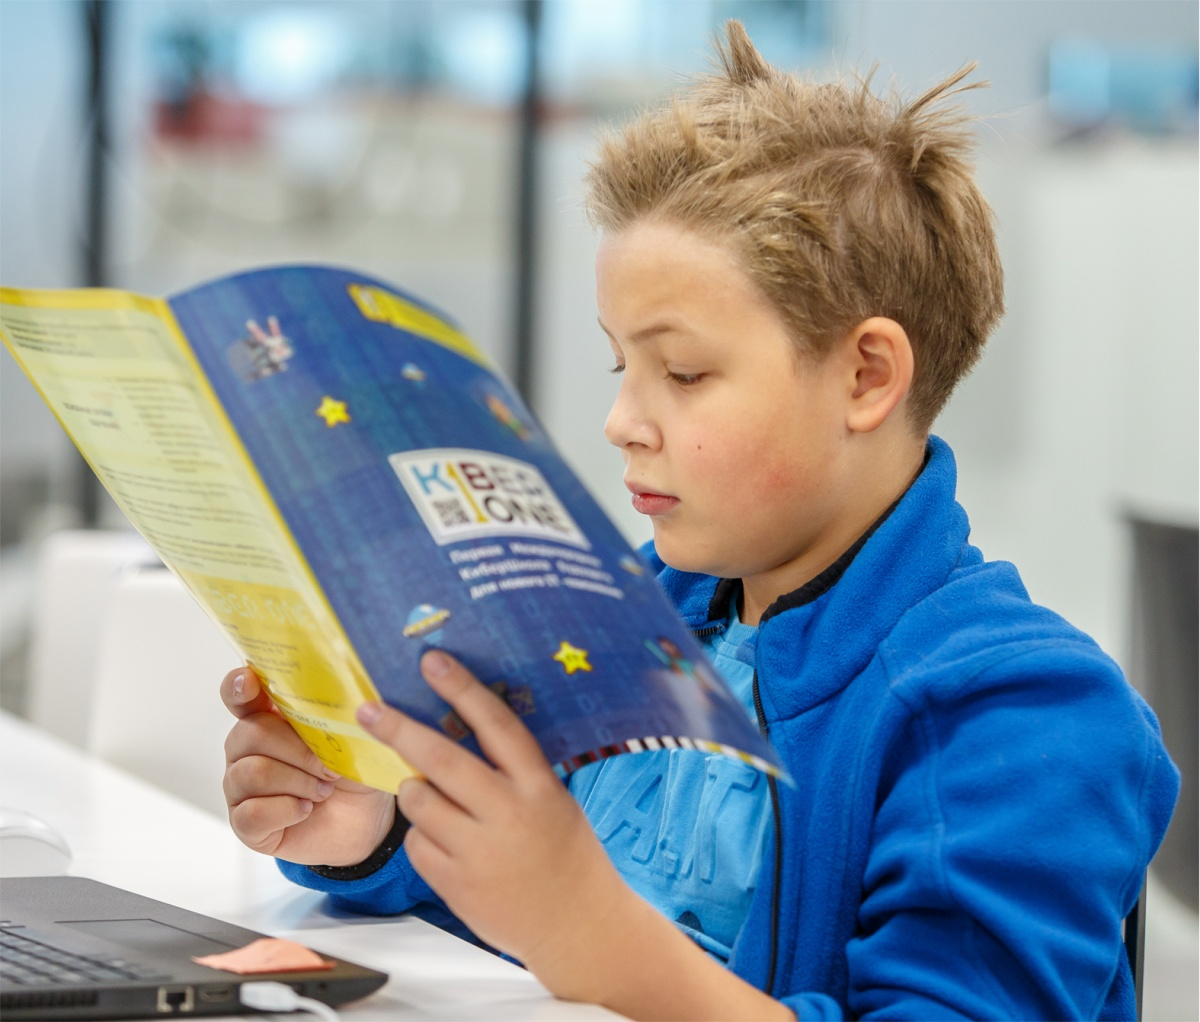 Детская гаджетозависимость — не проблема: «КиберШкола» и УГМК открывают дополнительные классы